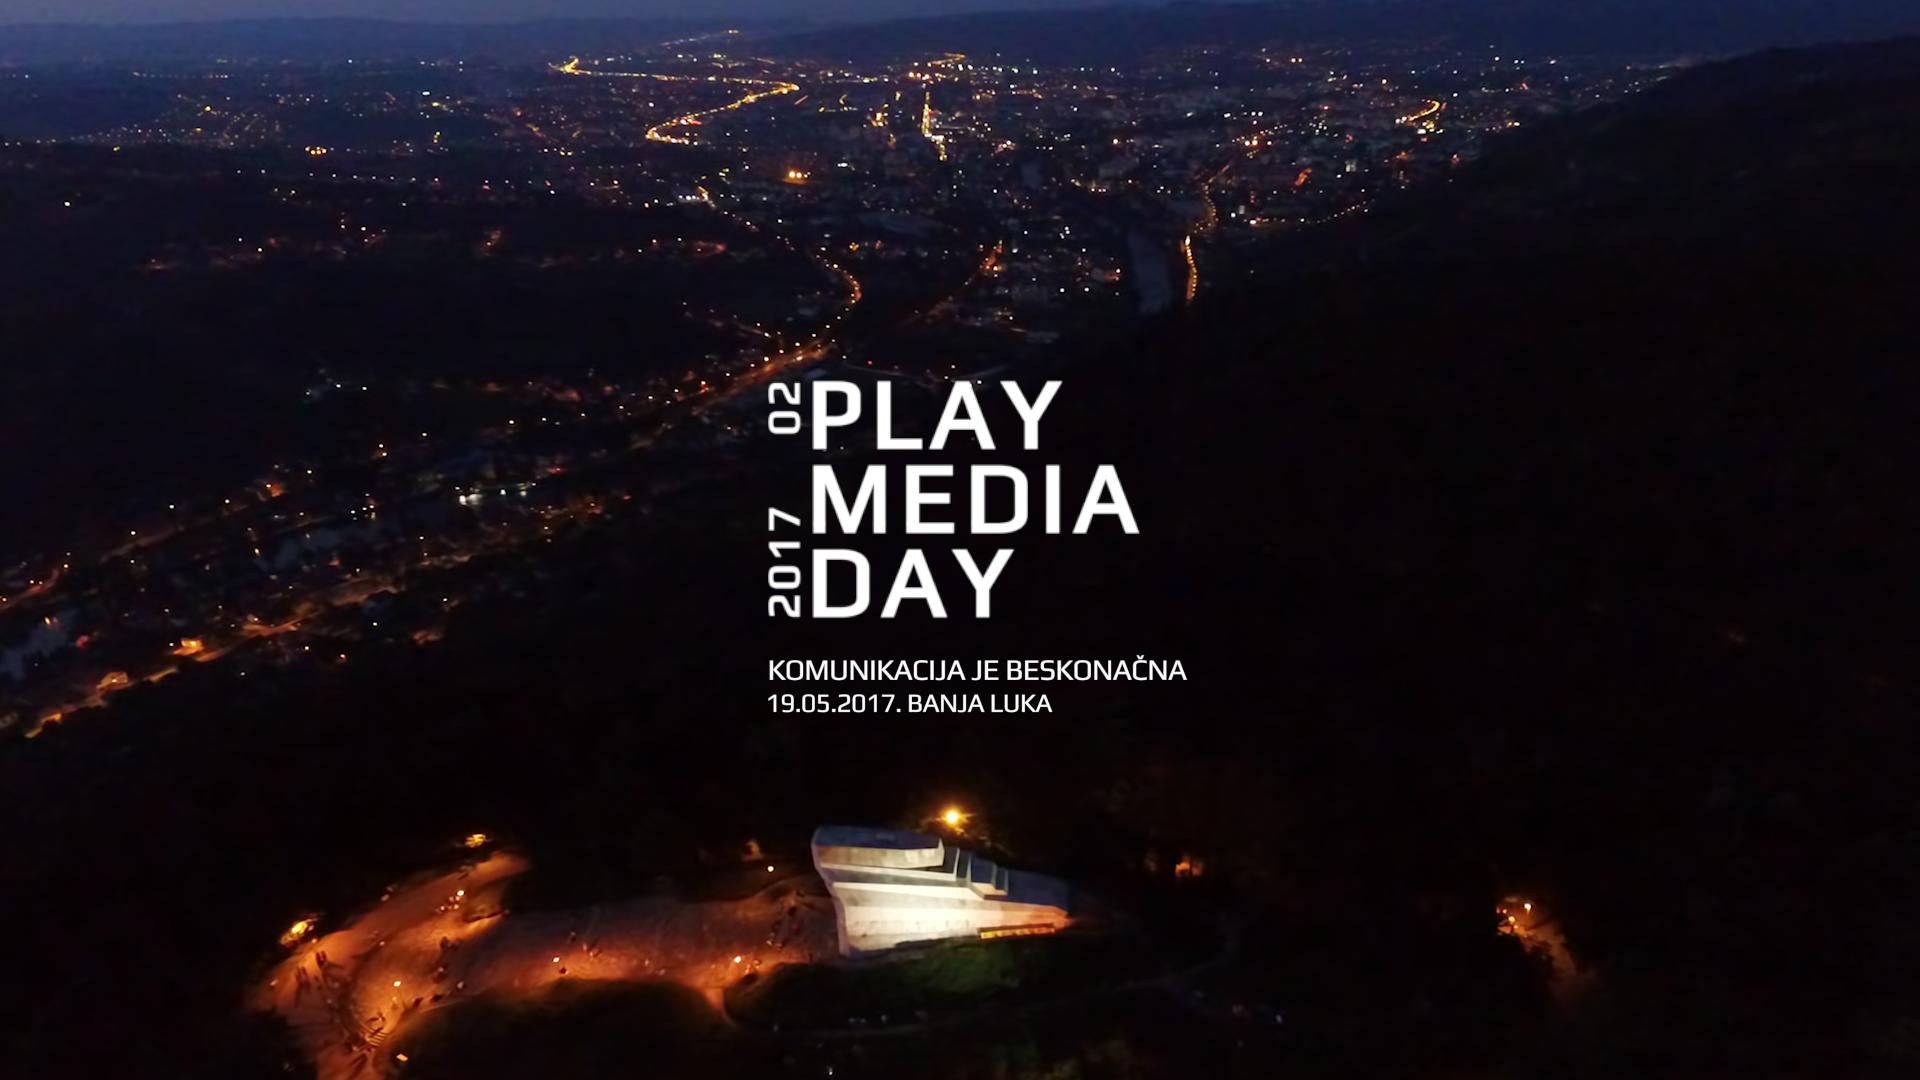 Još samo 10 dana do regionalnog komunikacijskog događaja Play Media Day 02